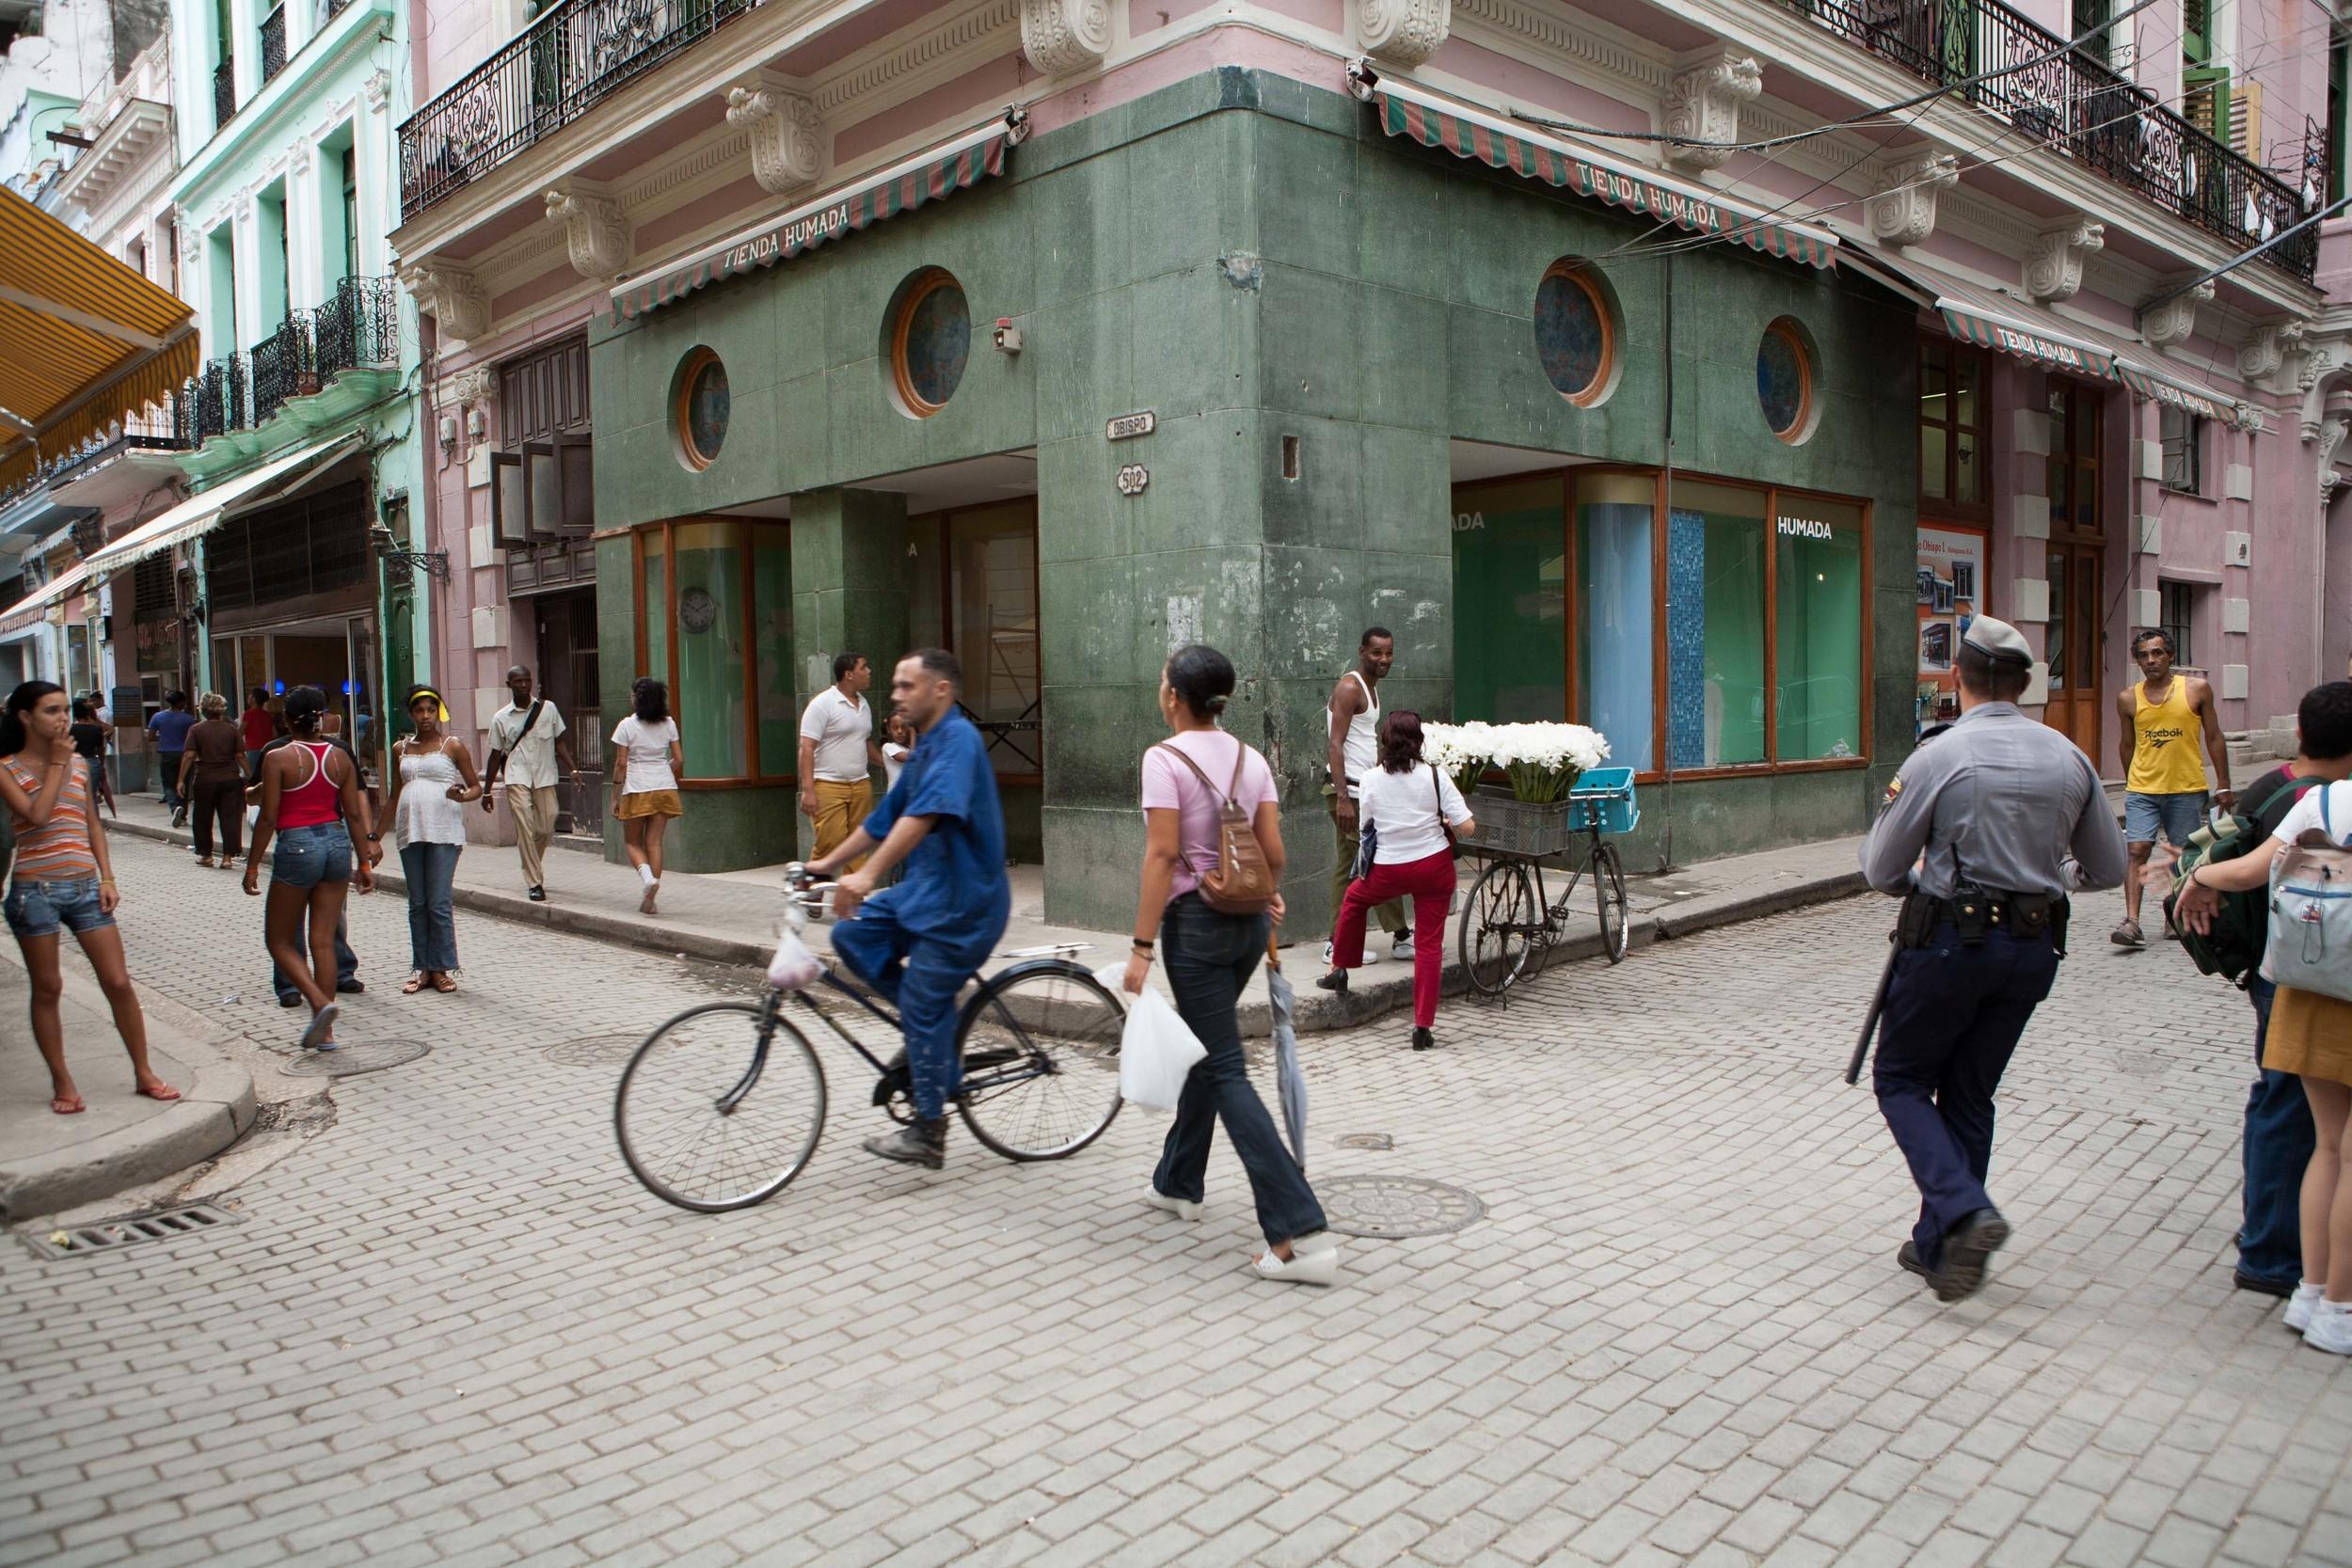 Havana_MG_4727.JPG